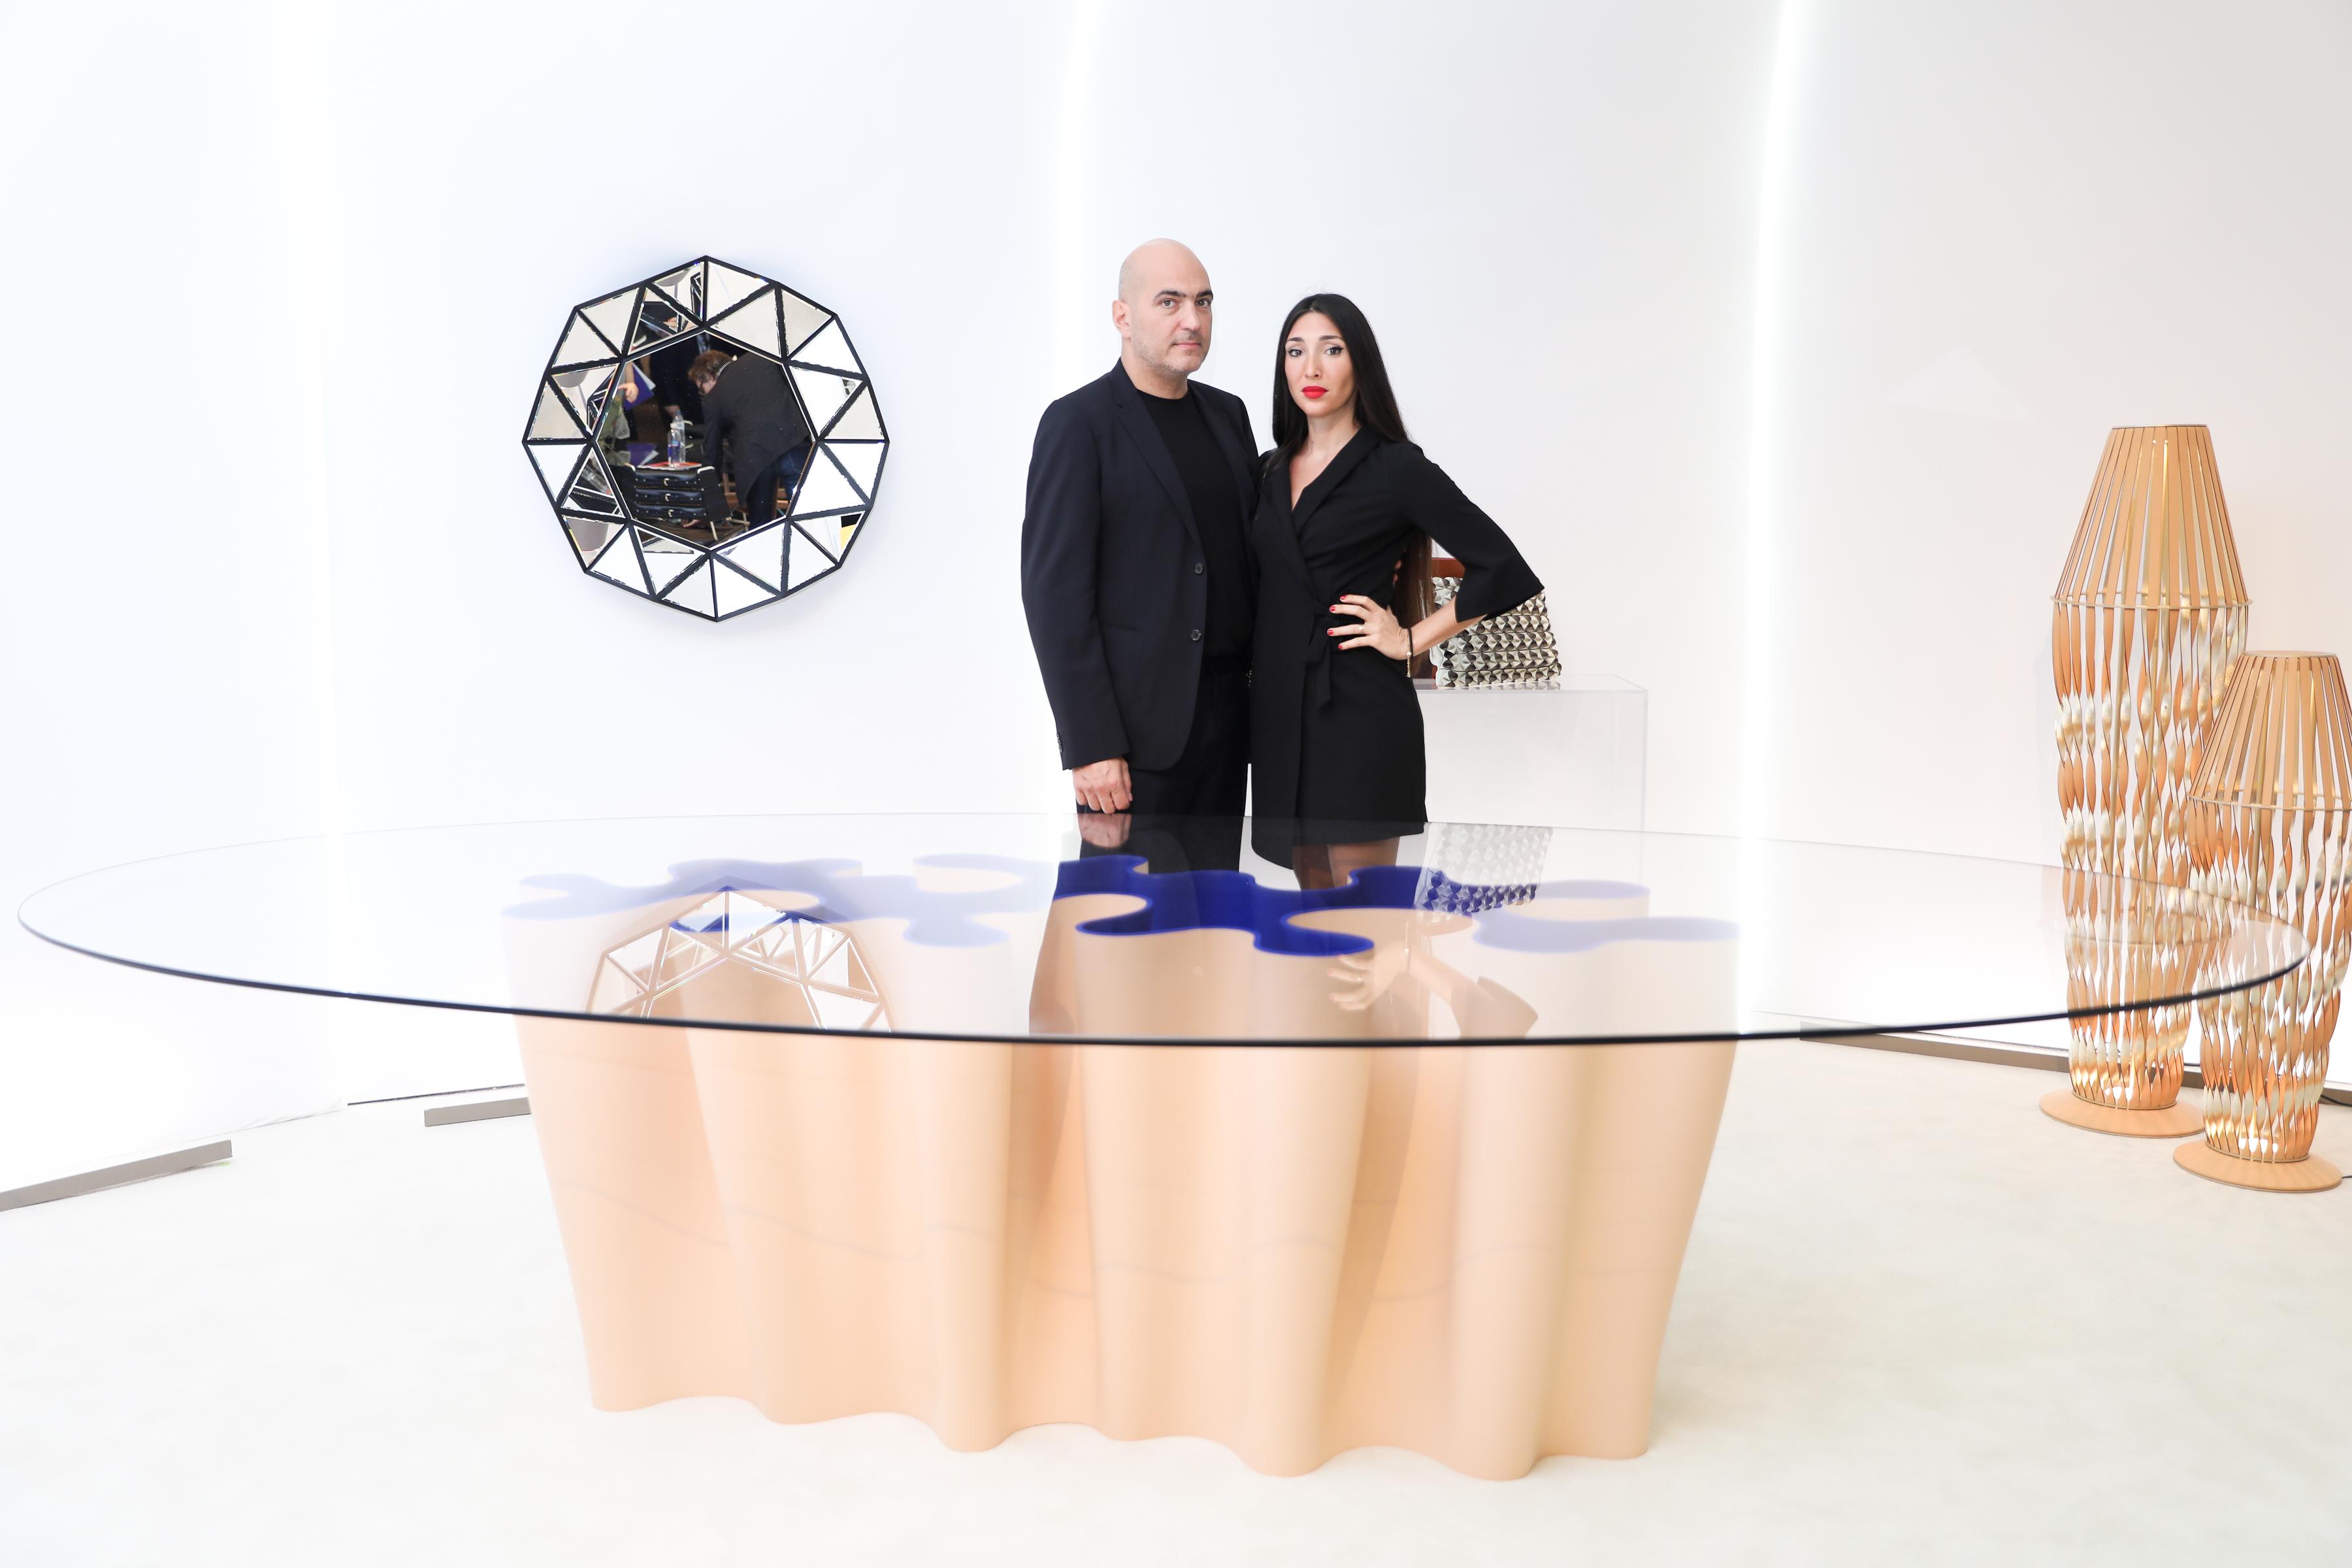 Alberto Biagetti, Laura Baldassari